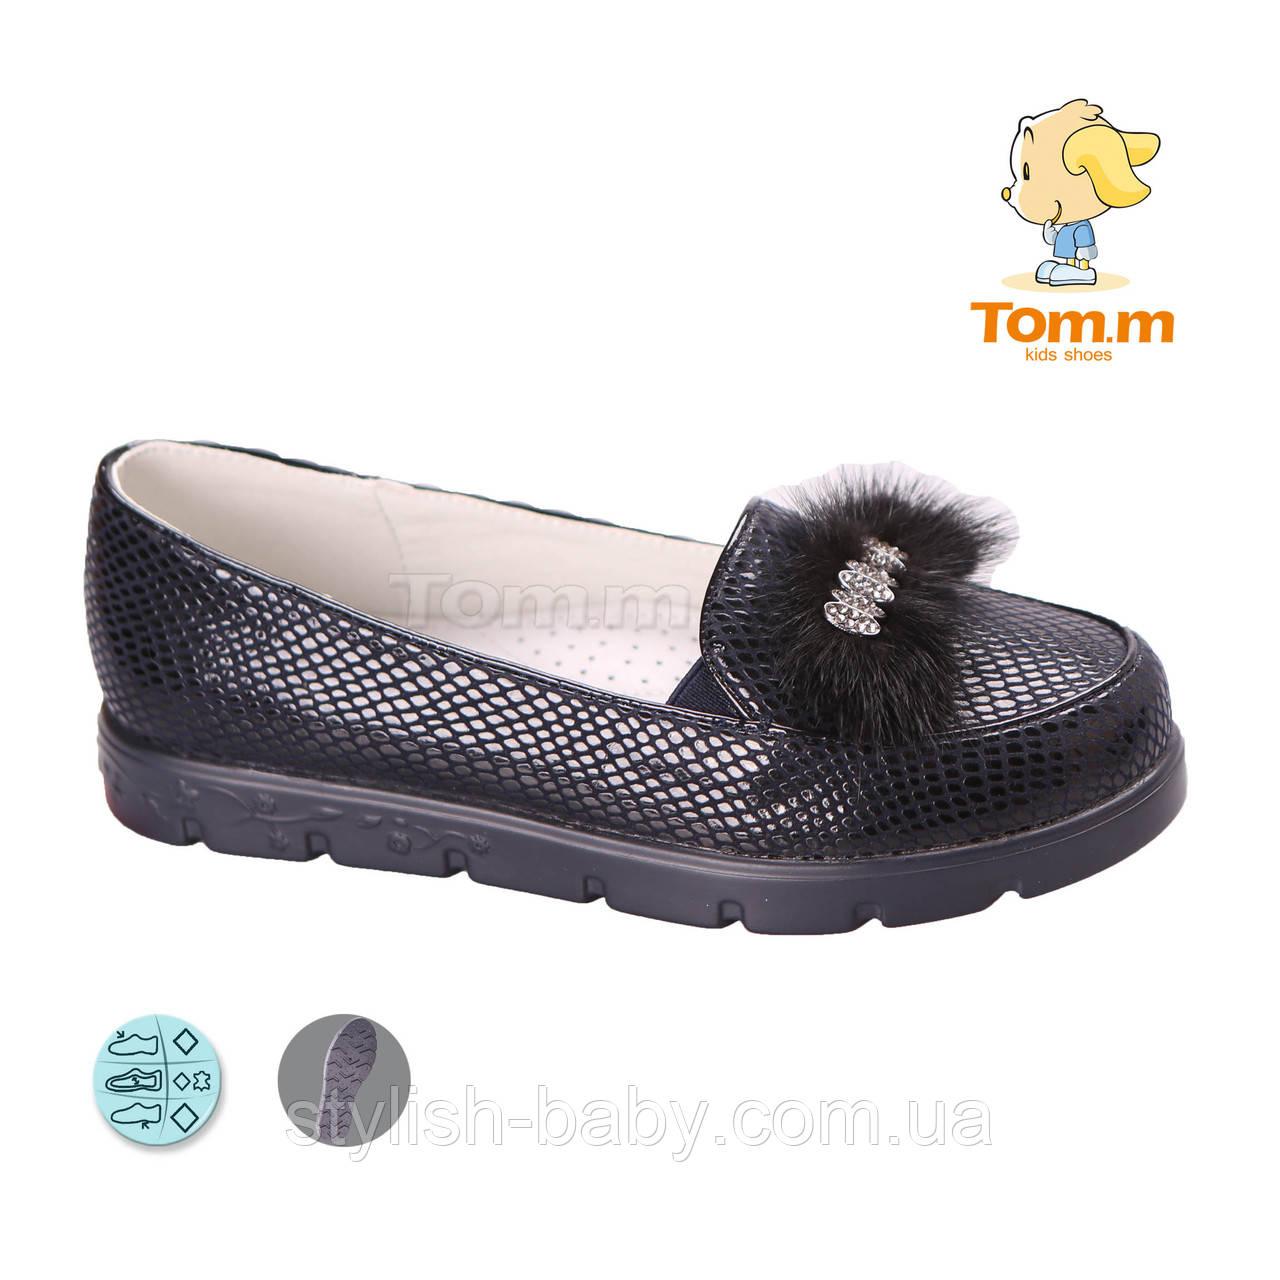 Осенняя коллекция 2018. Детская обувь оптом. Детские туфли бренда Tom.m для девочек (рр. с 32 по 37)